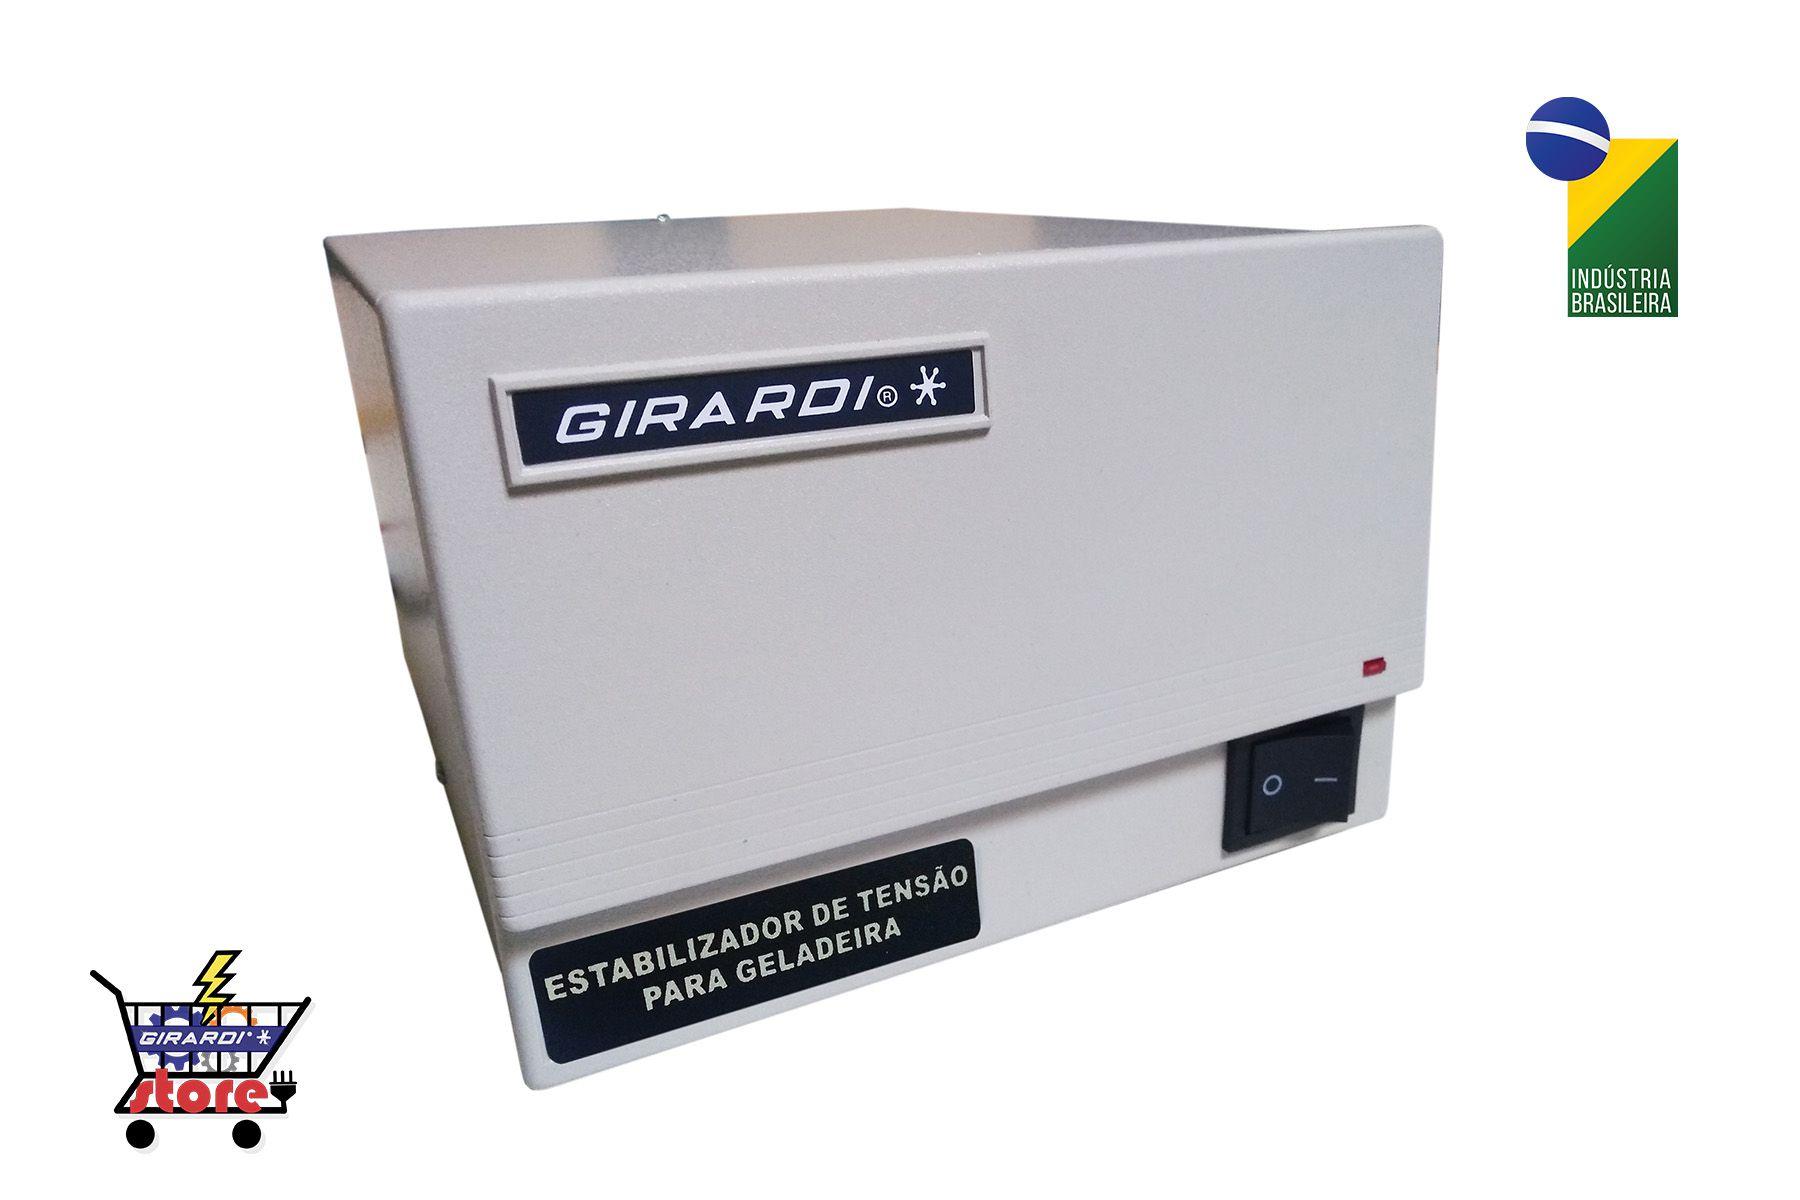 Protetor Eletrônico 1050 W  Girardi AM 110 - 127 / 127 V